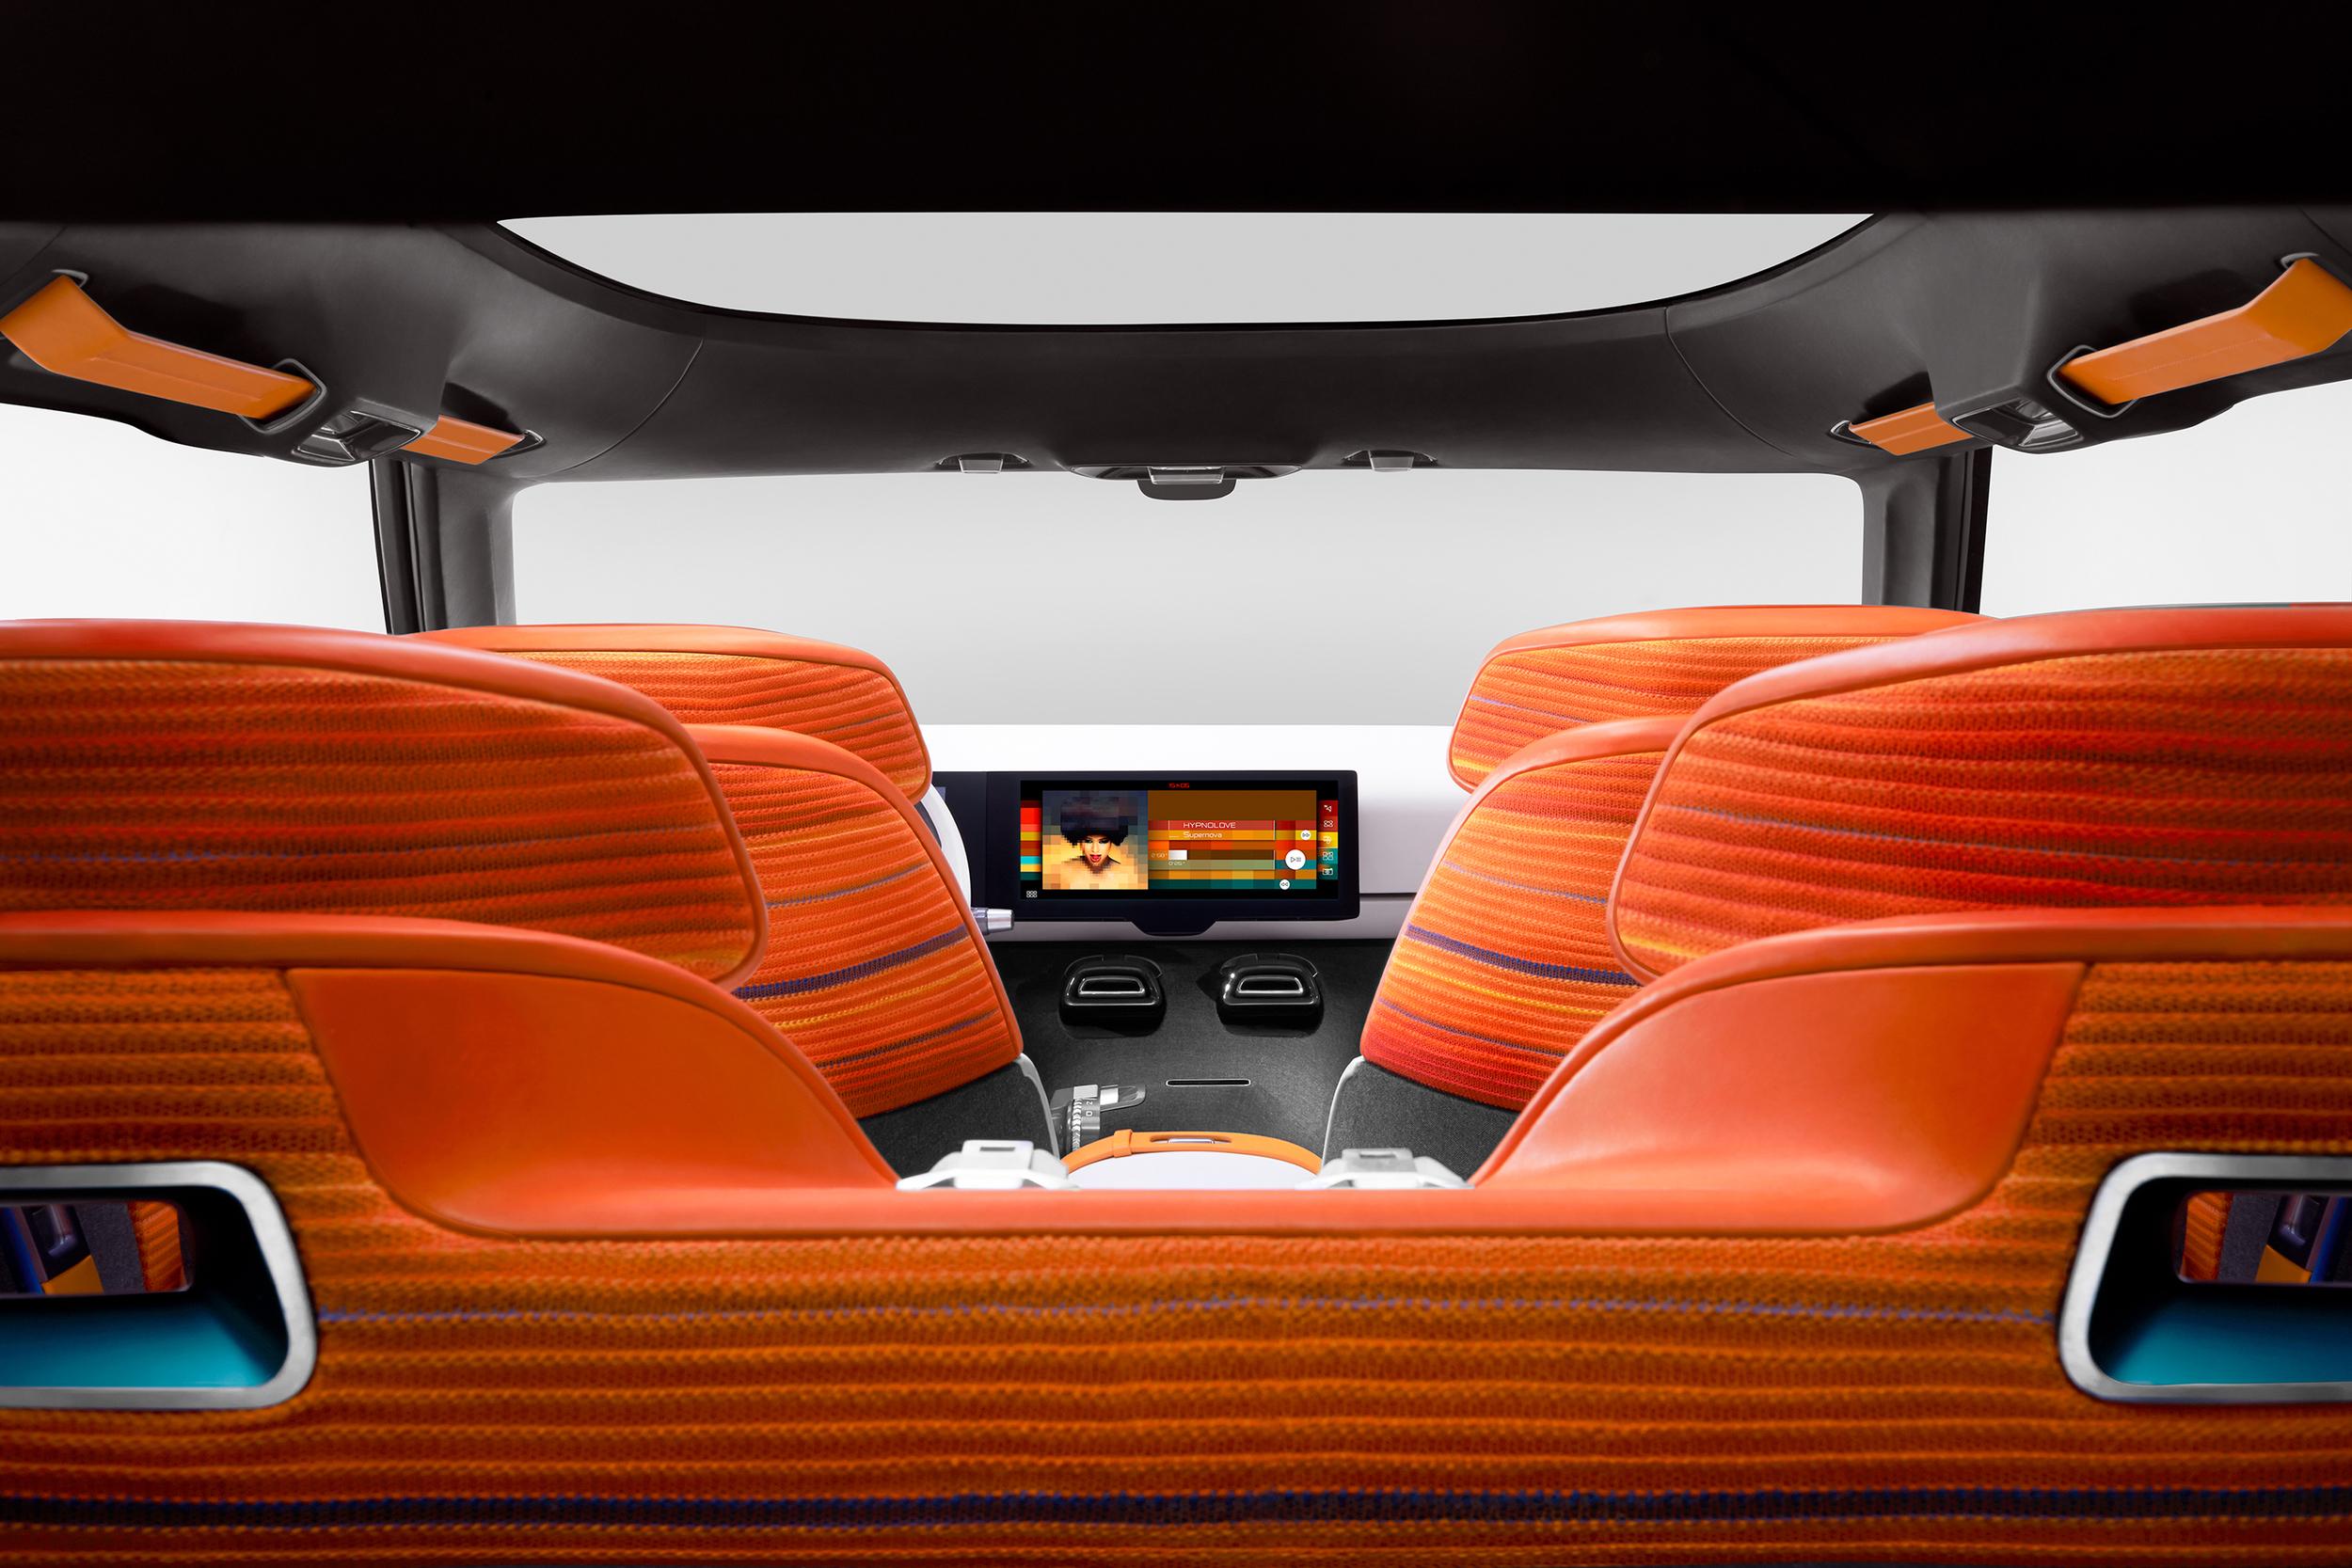 2015 citroen aircross concepts. Black Bedroom Furniture Sets. Home Design Ideas